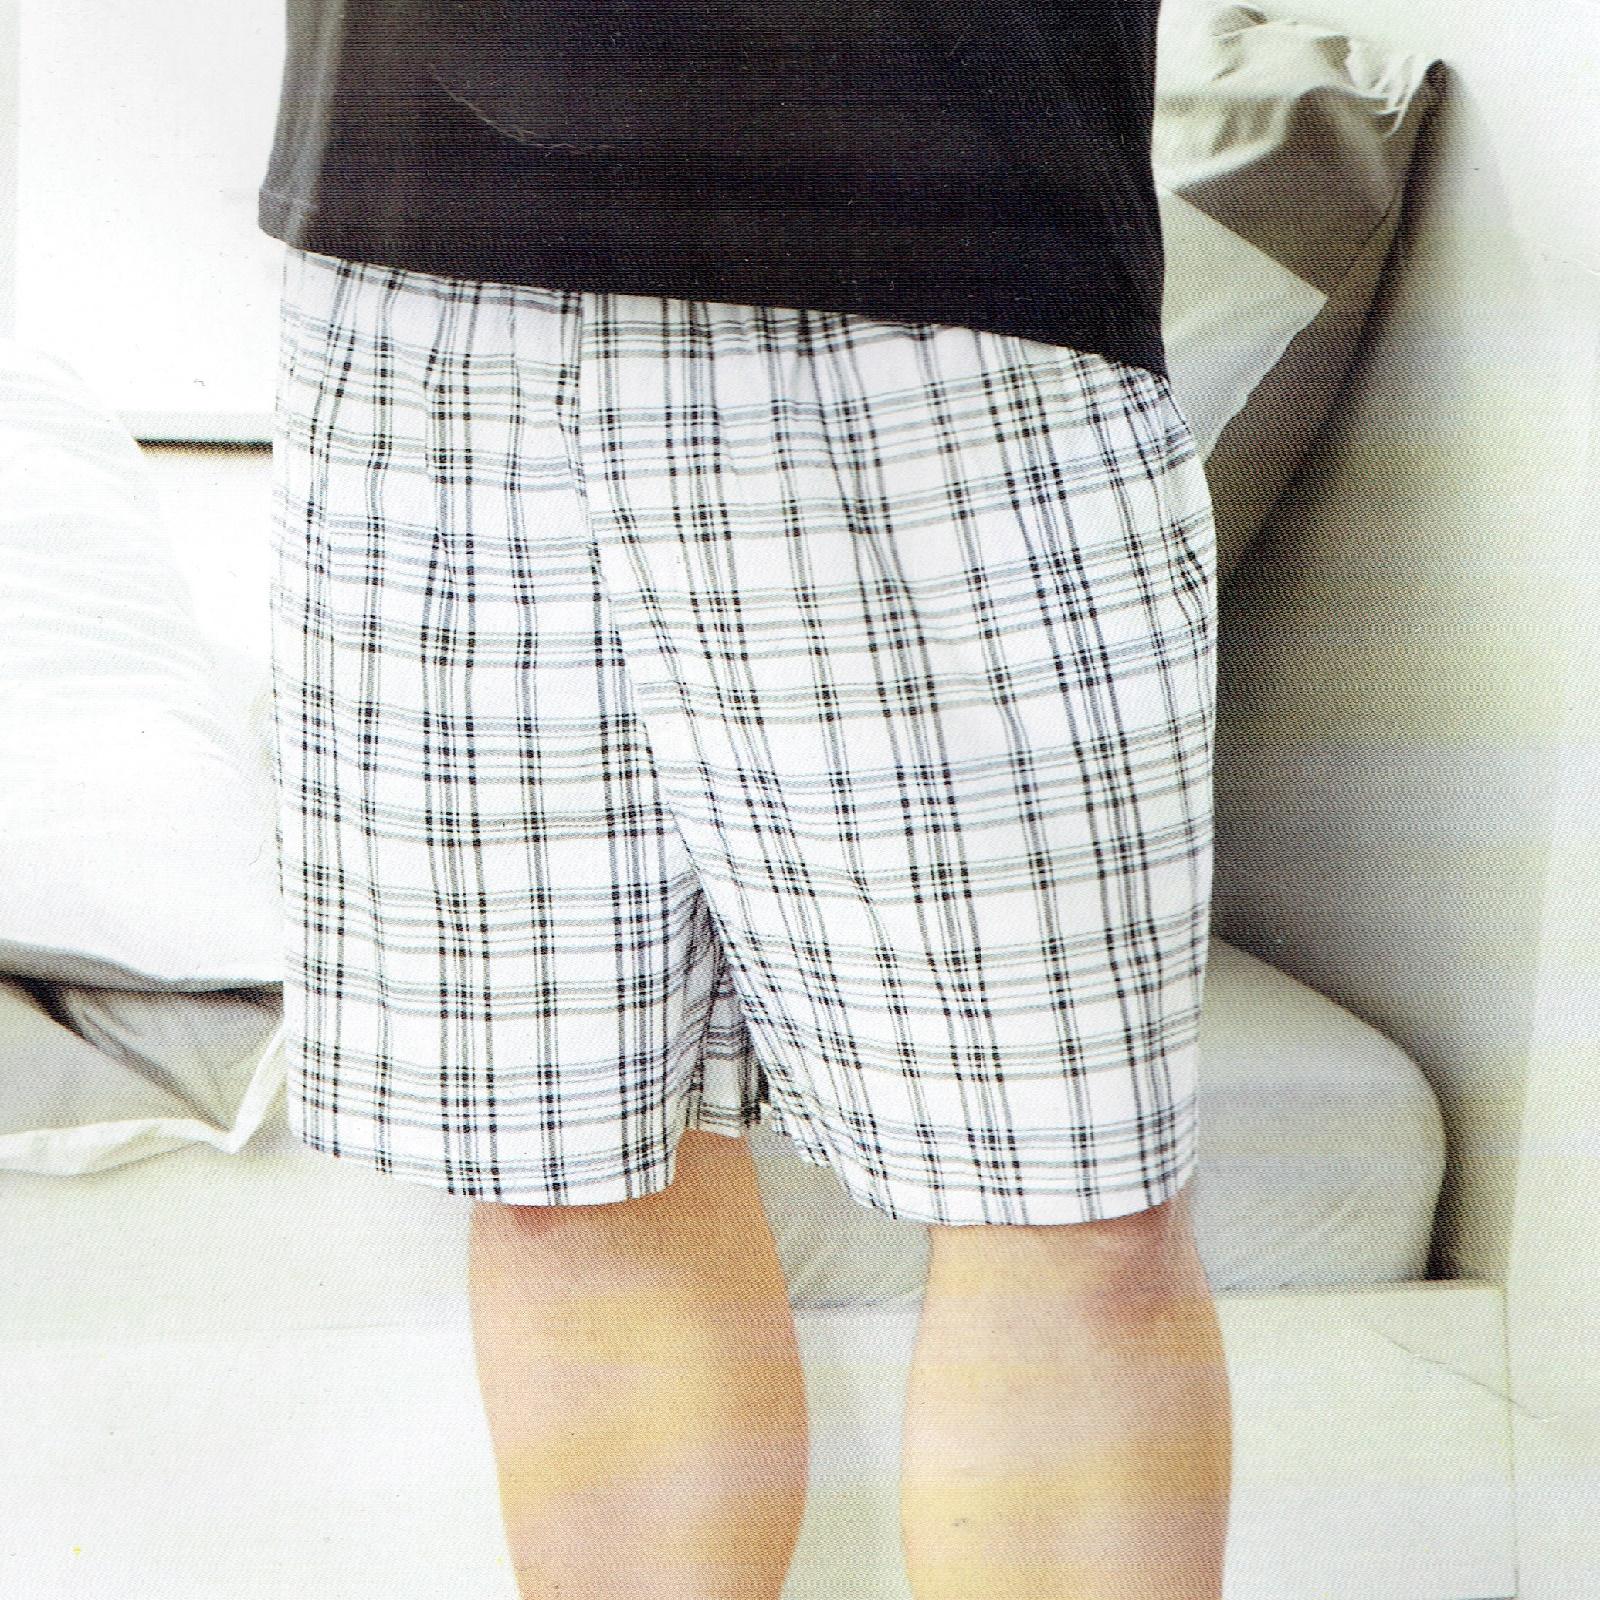 Herren-Schlafhose-Schlafanzug-Pyjama-Shorty-100-Baumwolle-Nachtwaesche-gewebt Indexbild 28